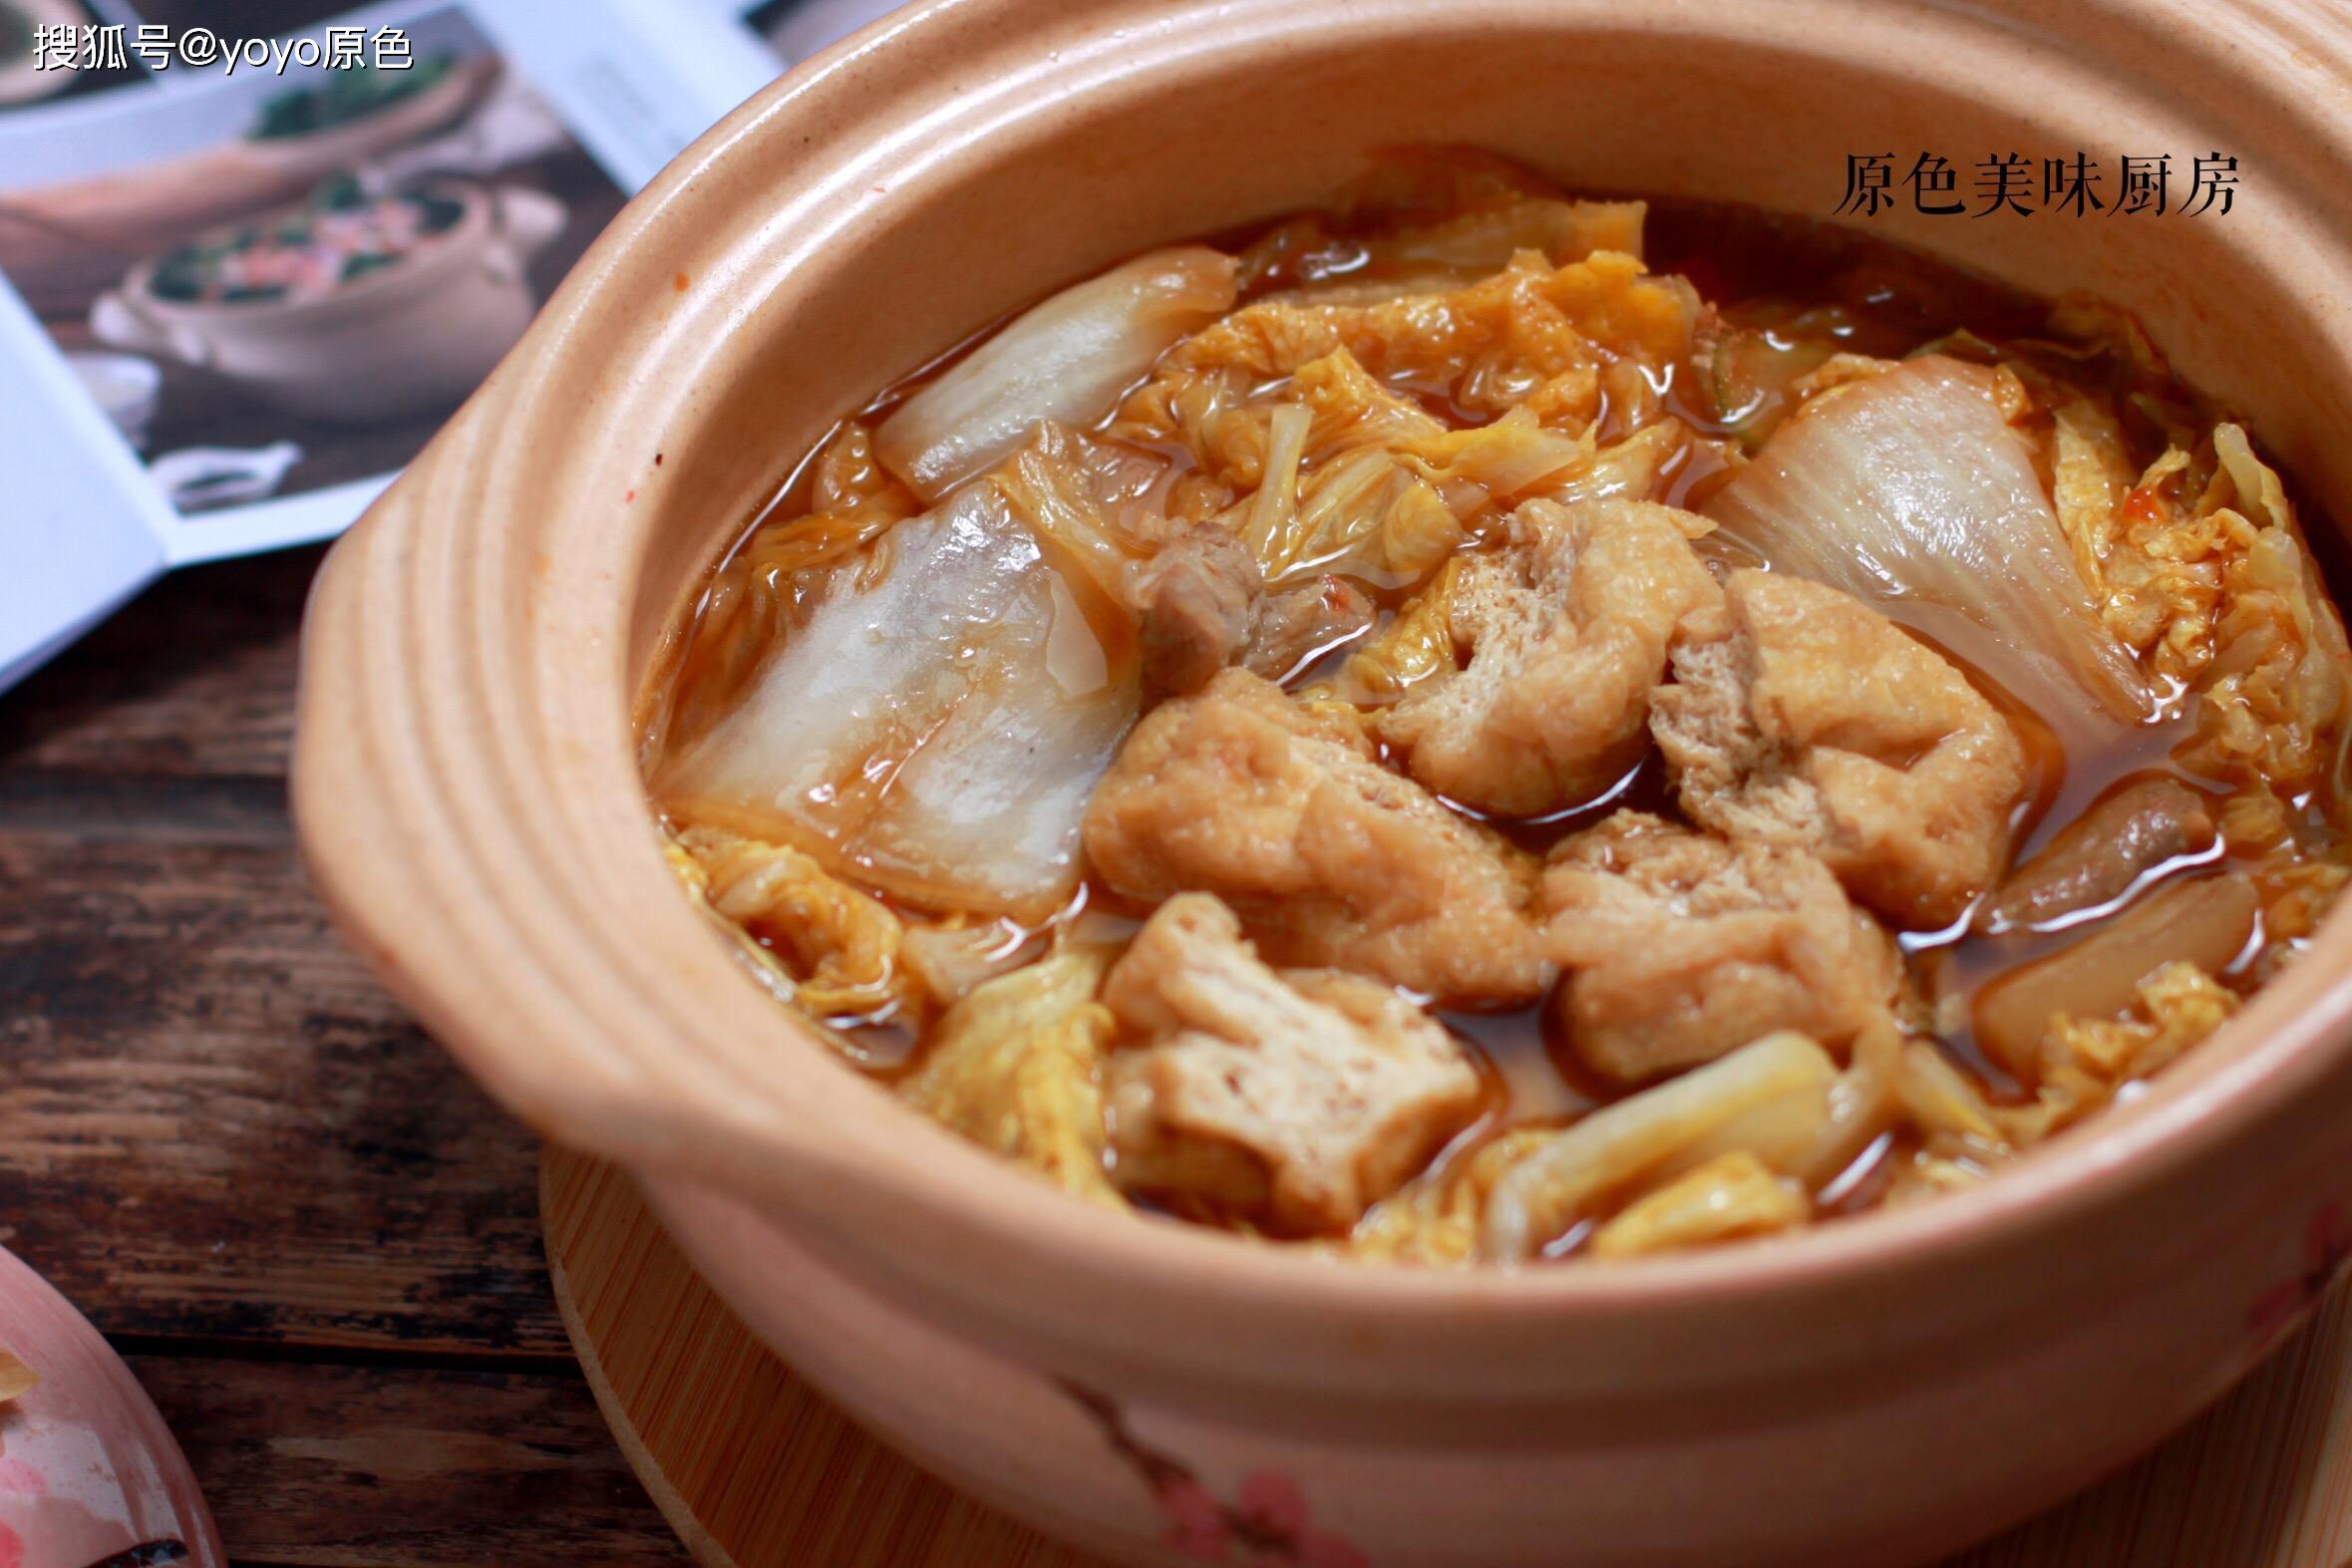 原创            过新年在家吃暖身锅,暖和又入味,吃了一次还想吃第二次